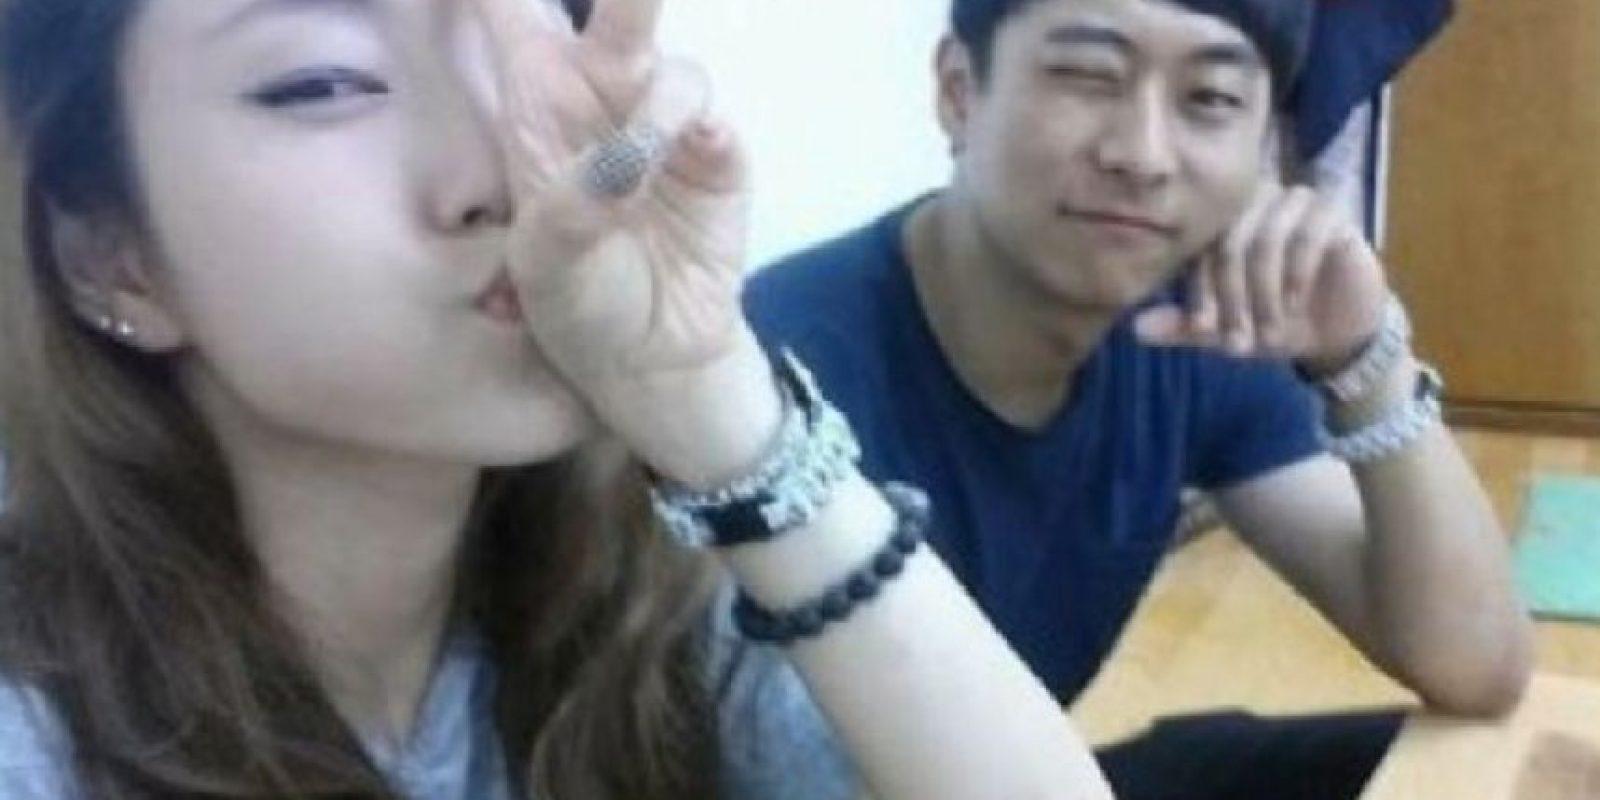 Posiblemente Lee entró en un ataque de ira después de que Kim intentó romper con él, mencionó la policía. Foto:vía Facebook.com/sunnykim1989